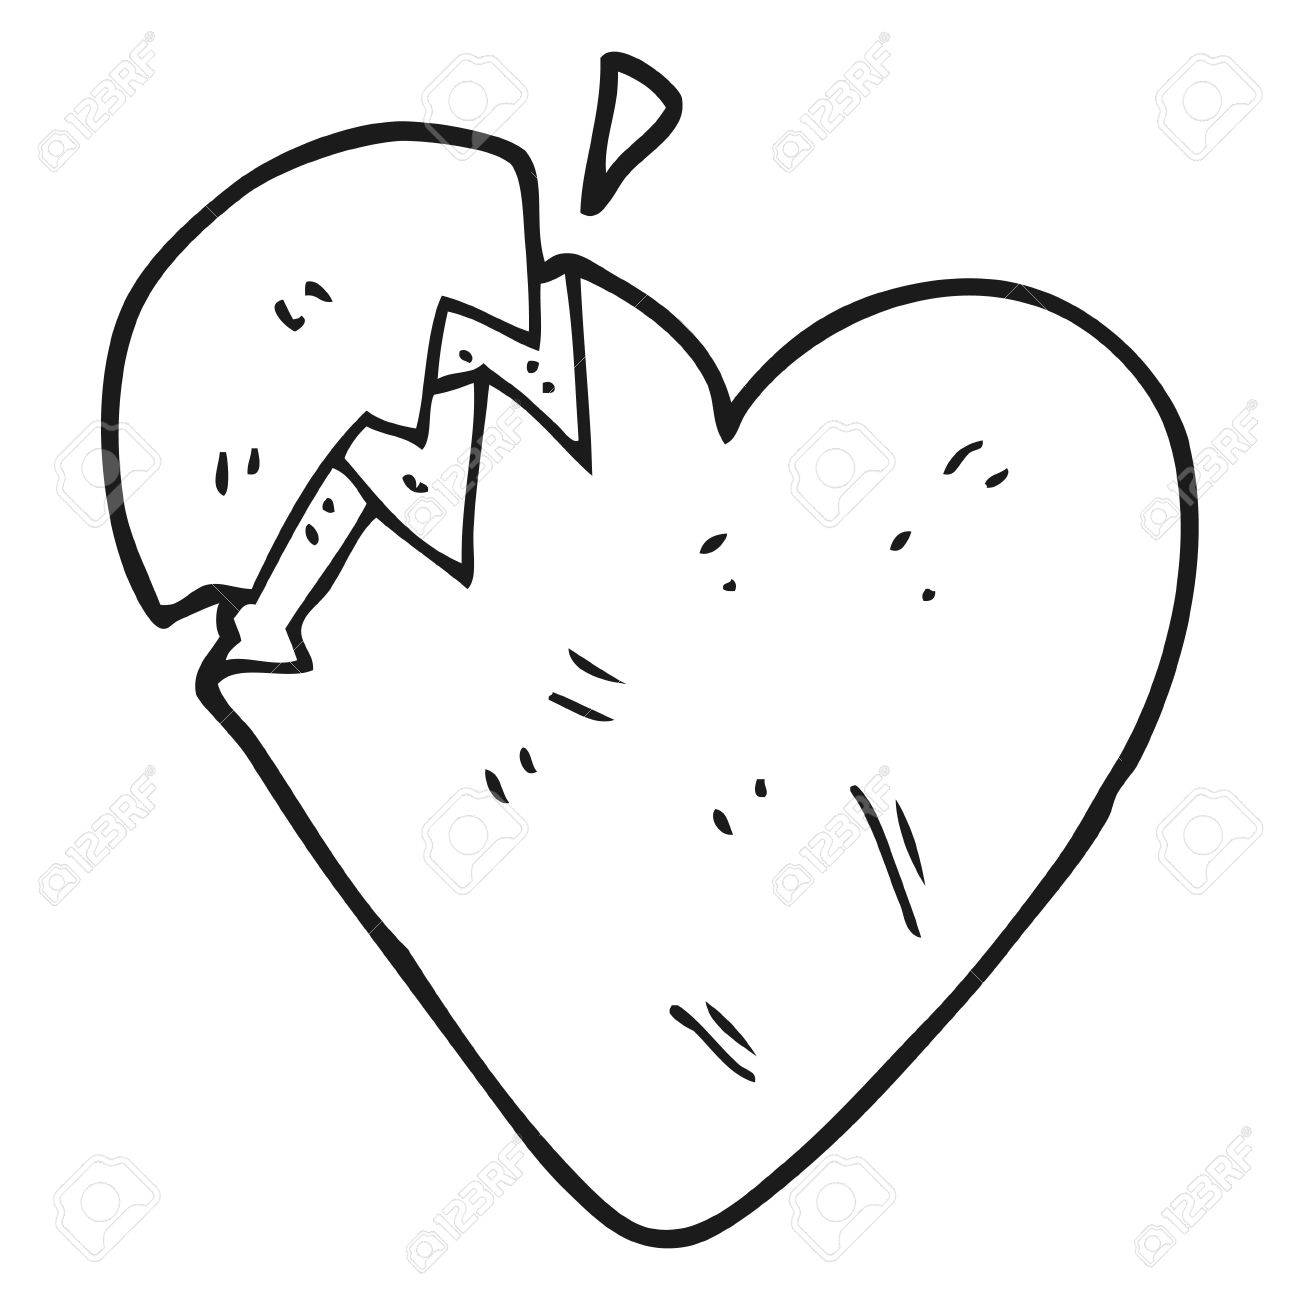 Dibujado A Mano Alzada Corazón Roto De Dibujos Animados En Blanco Y